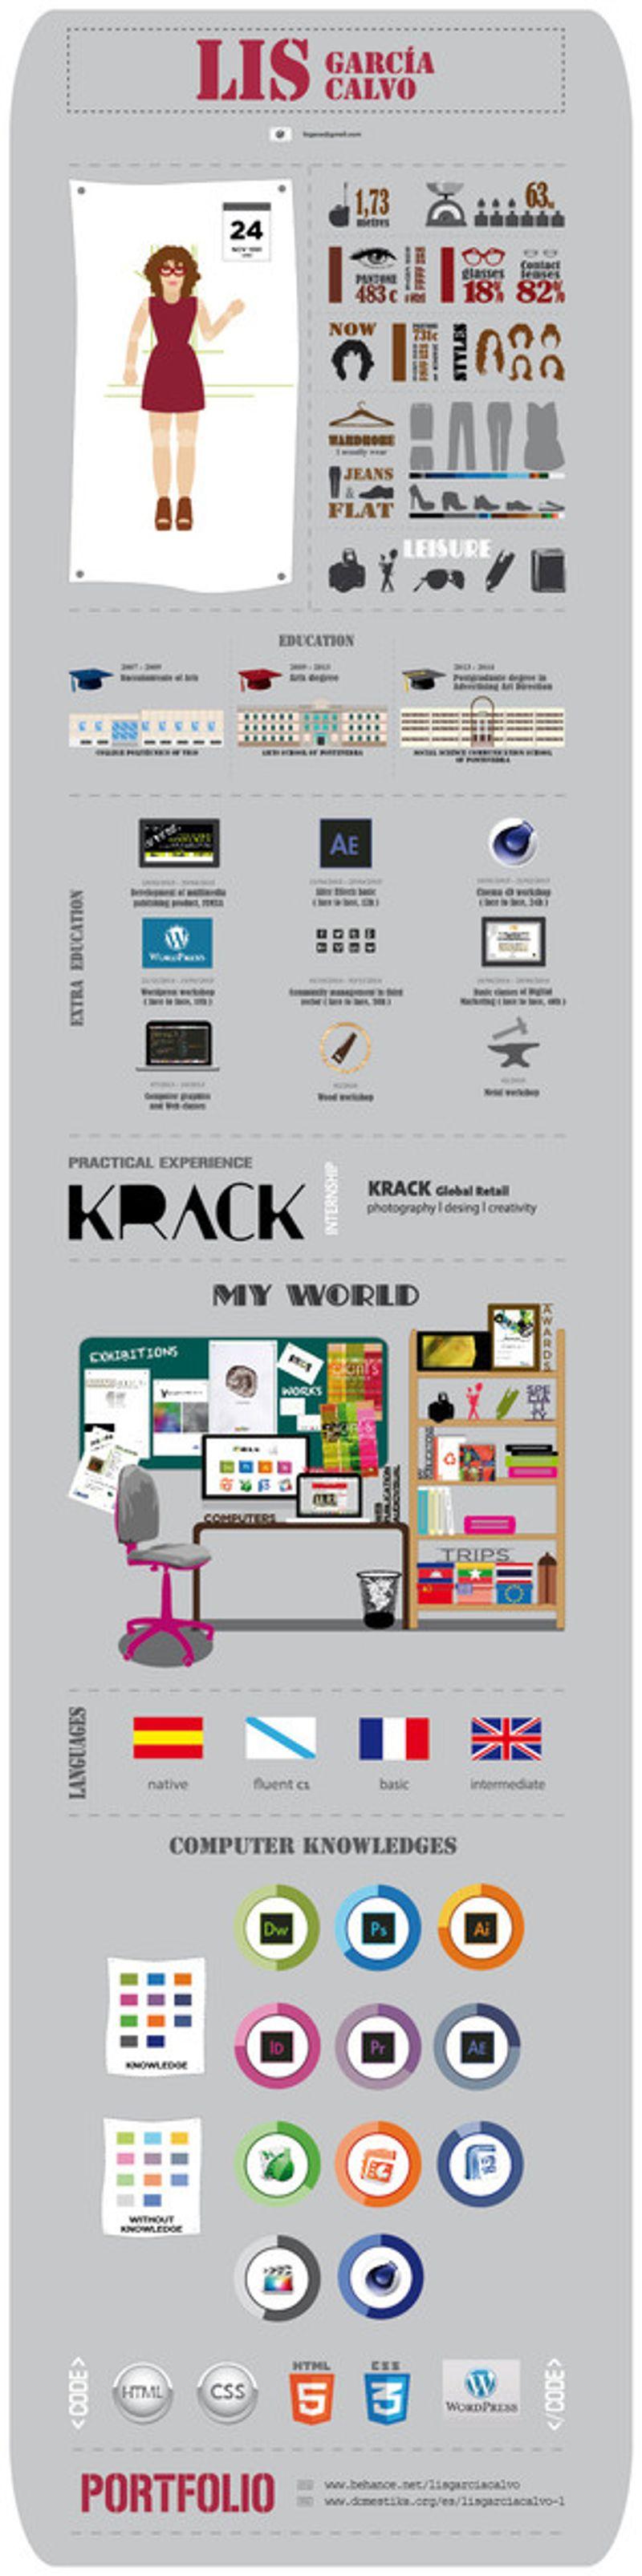 My creative Curriculum vitae II